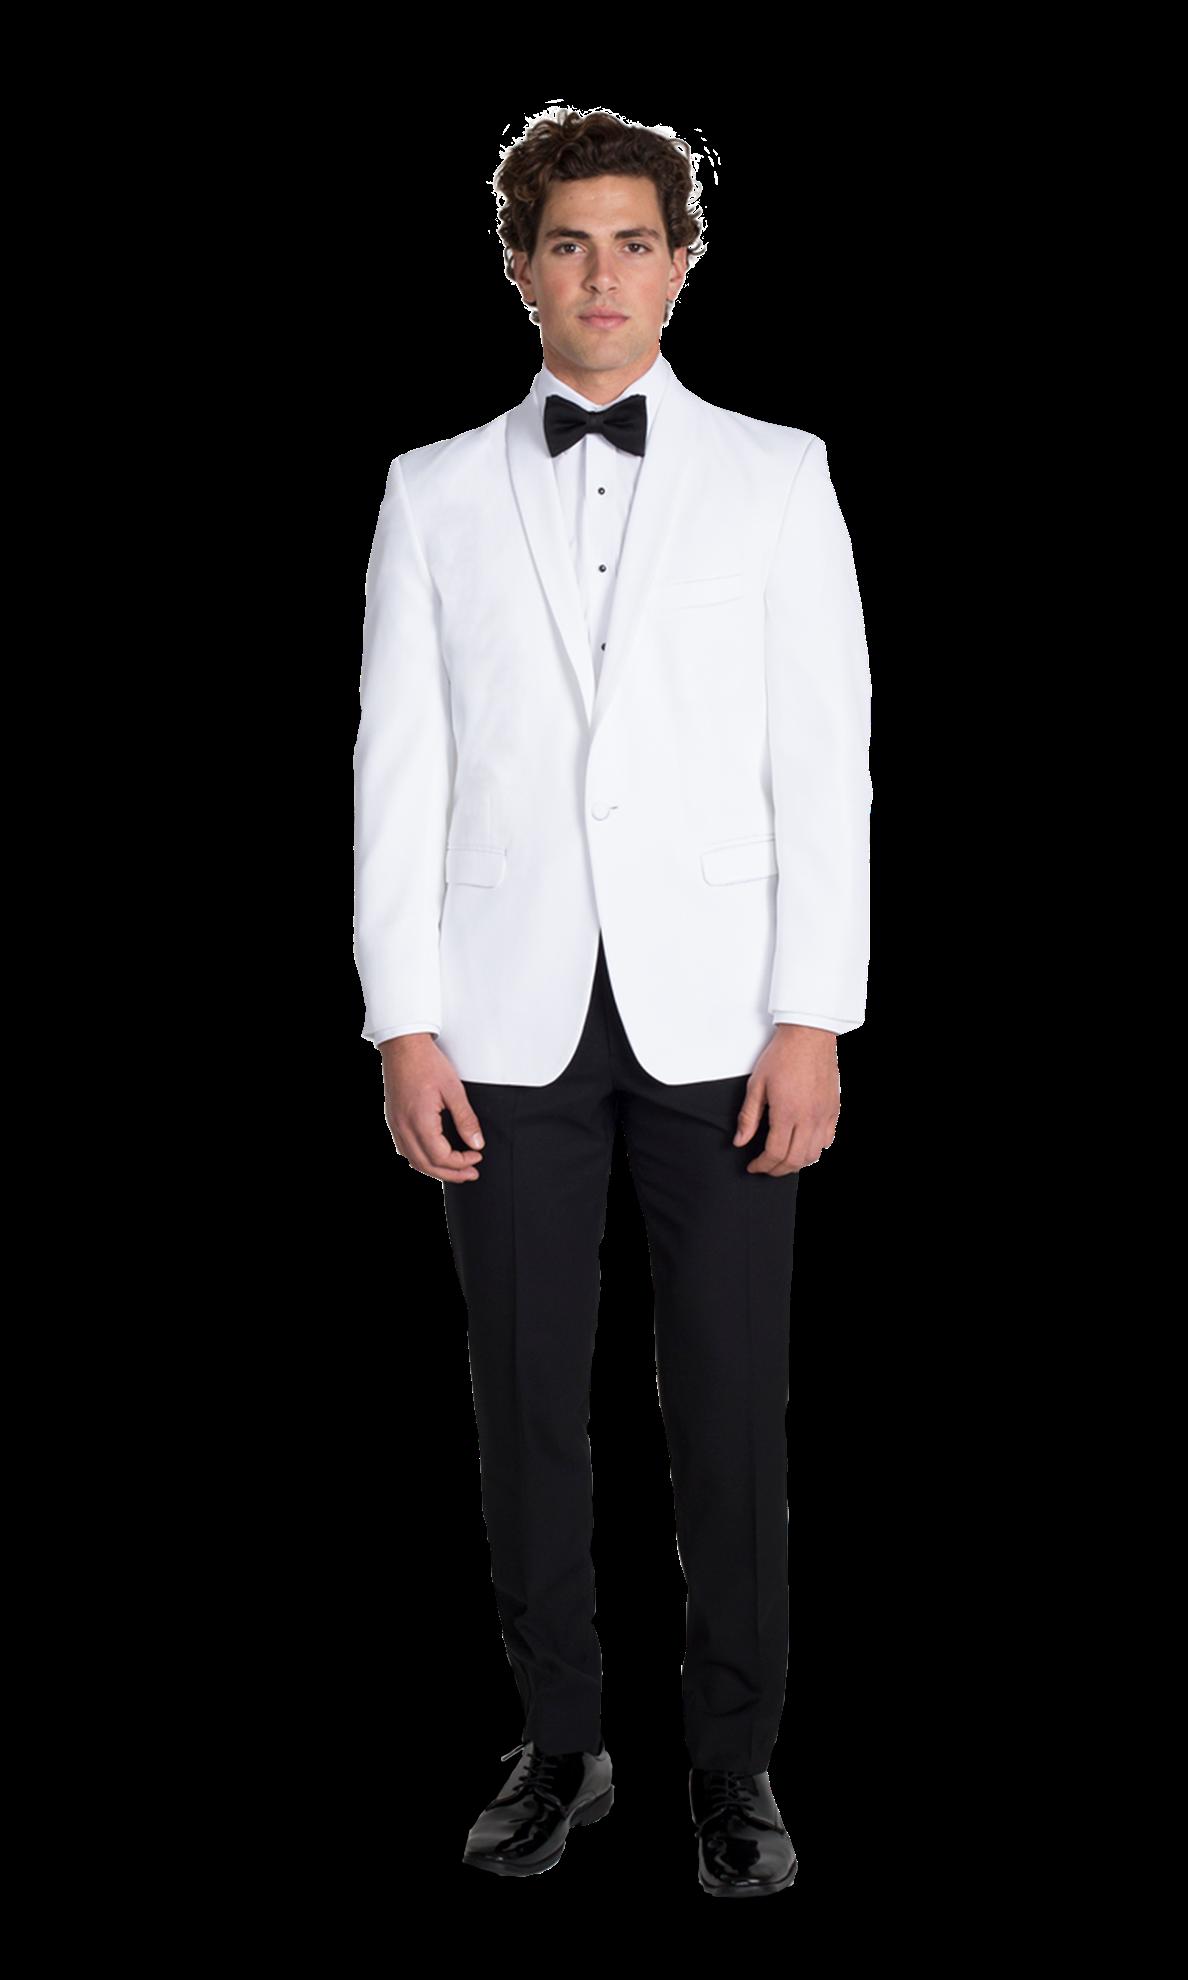 Tuxedo Man PNG - 83051